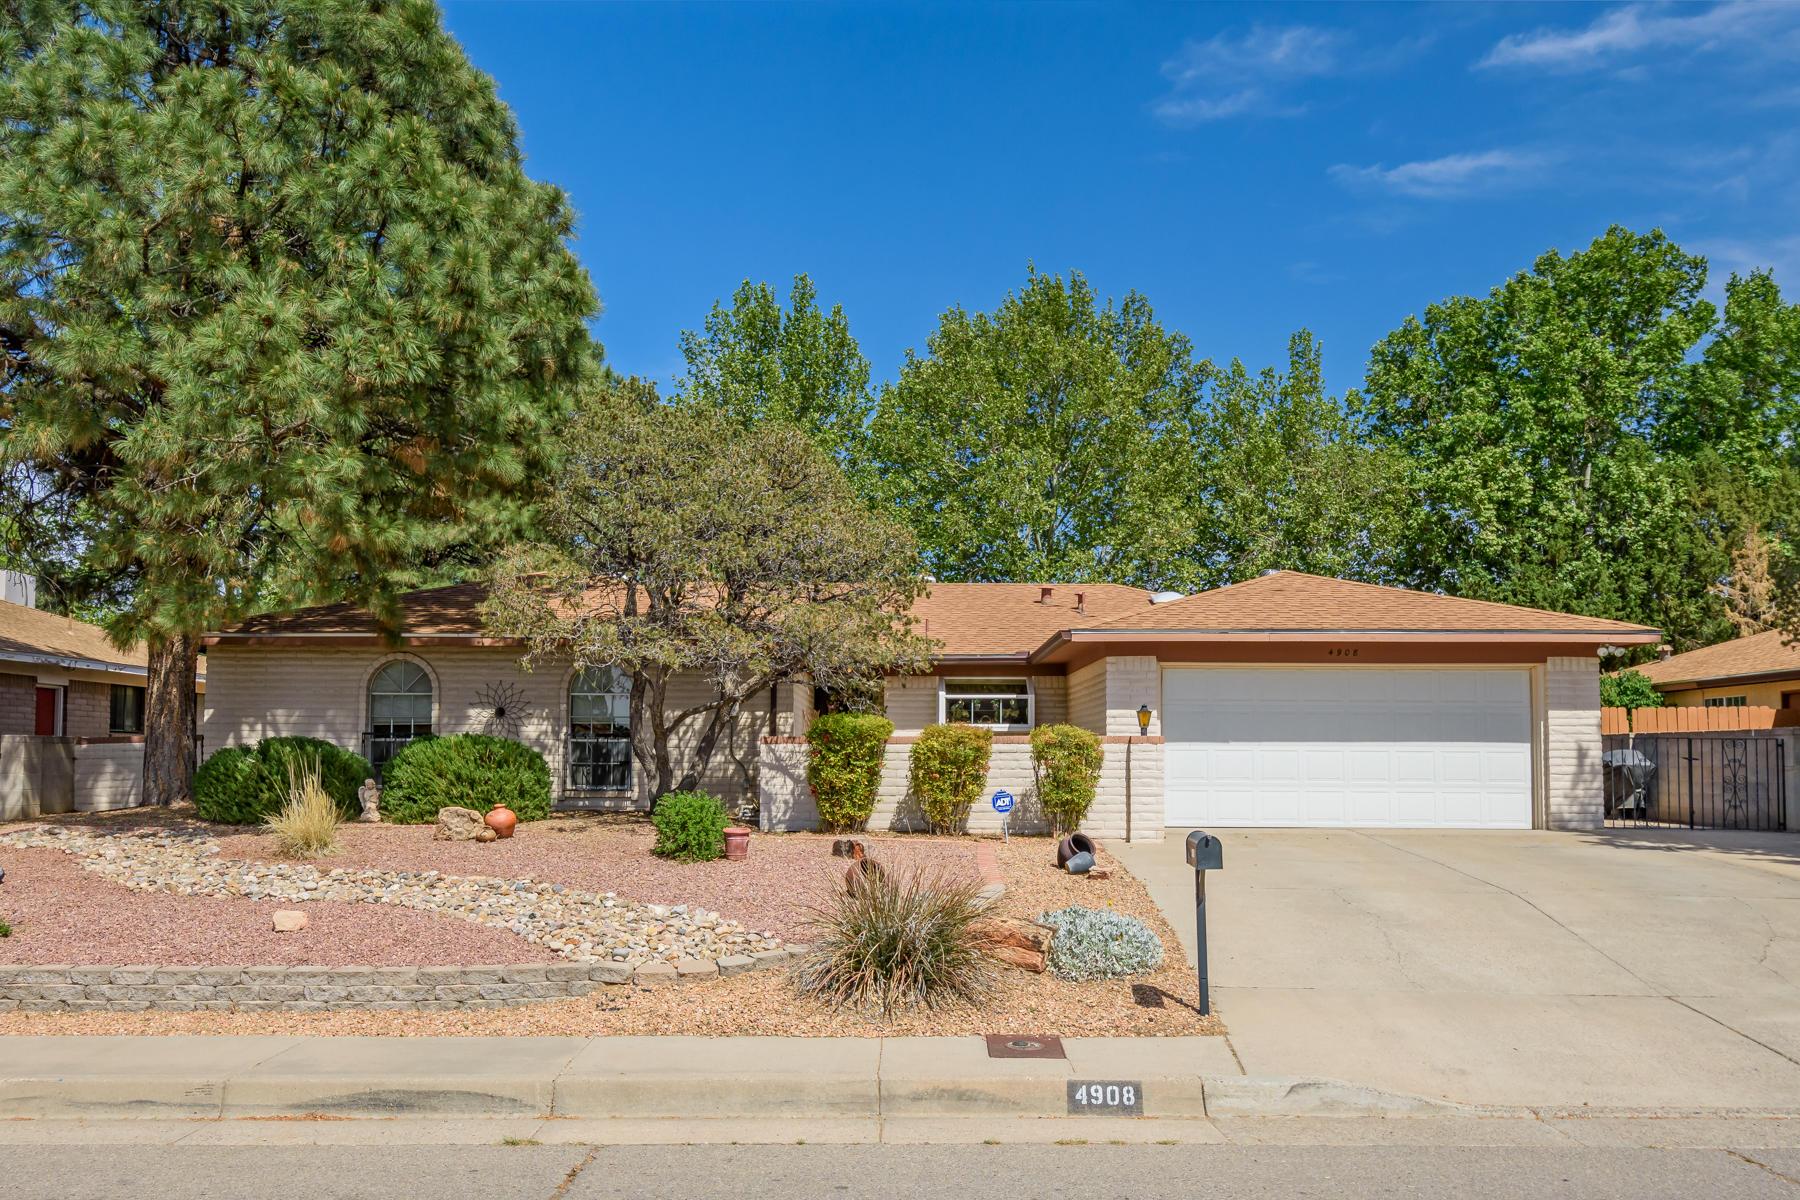 4908 Northridge Place NE, Albuquerque, NM 87111 - Albuquerque, NM real estate listing